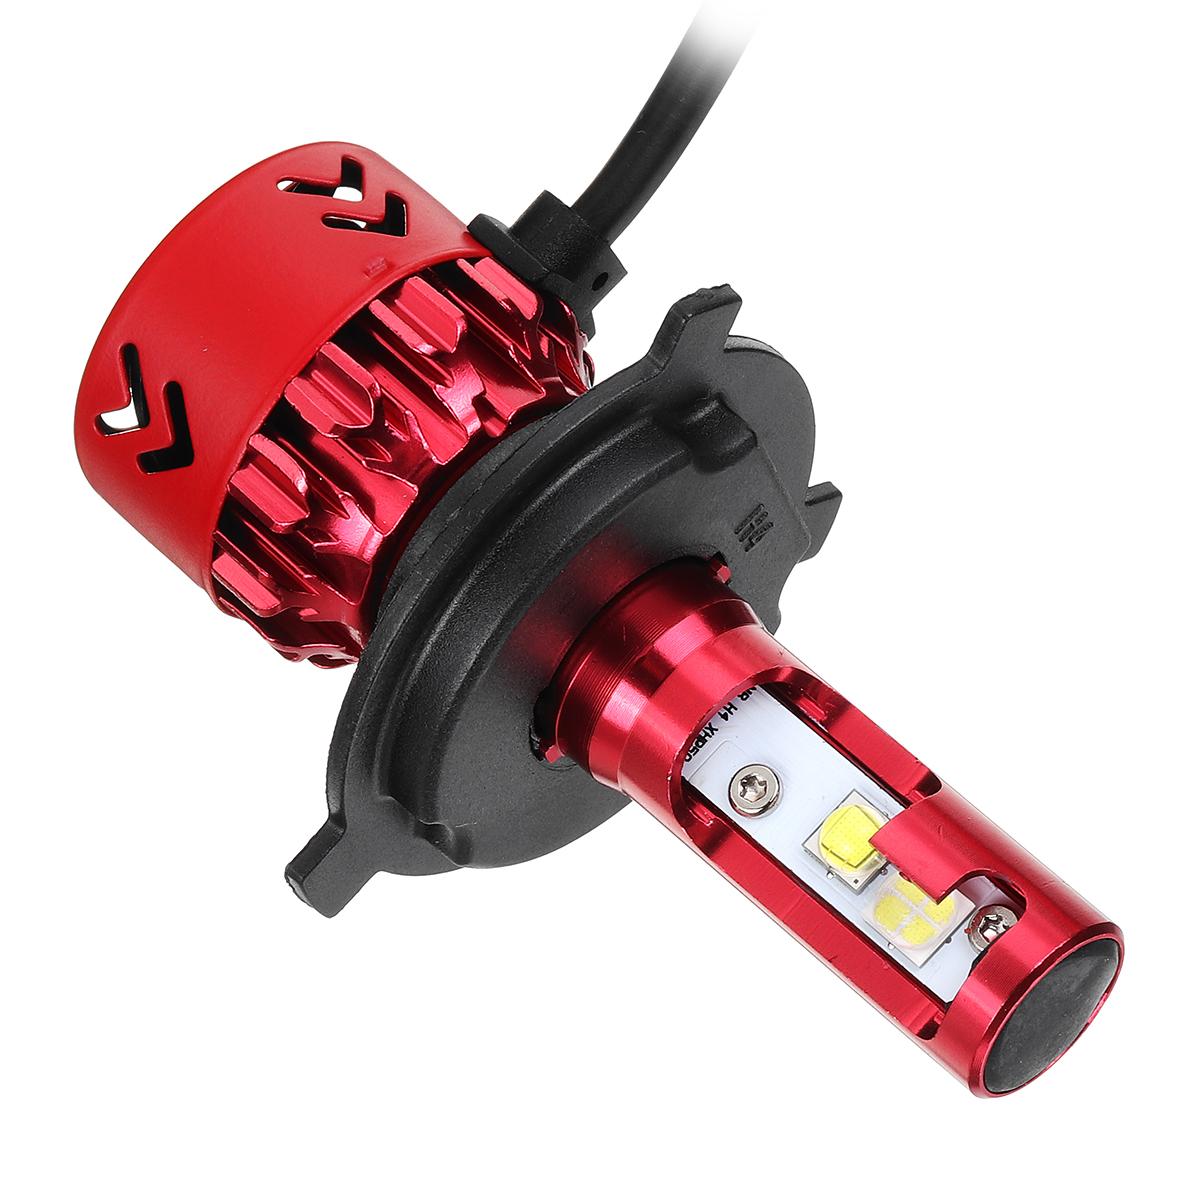 60W 9600LM Car LED Headlights Bulb Fog Lamp H1 H4 H7 H11 9005 9006 IP68 9V-30V 6000K